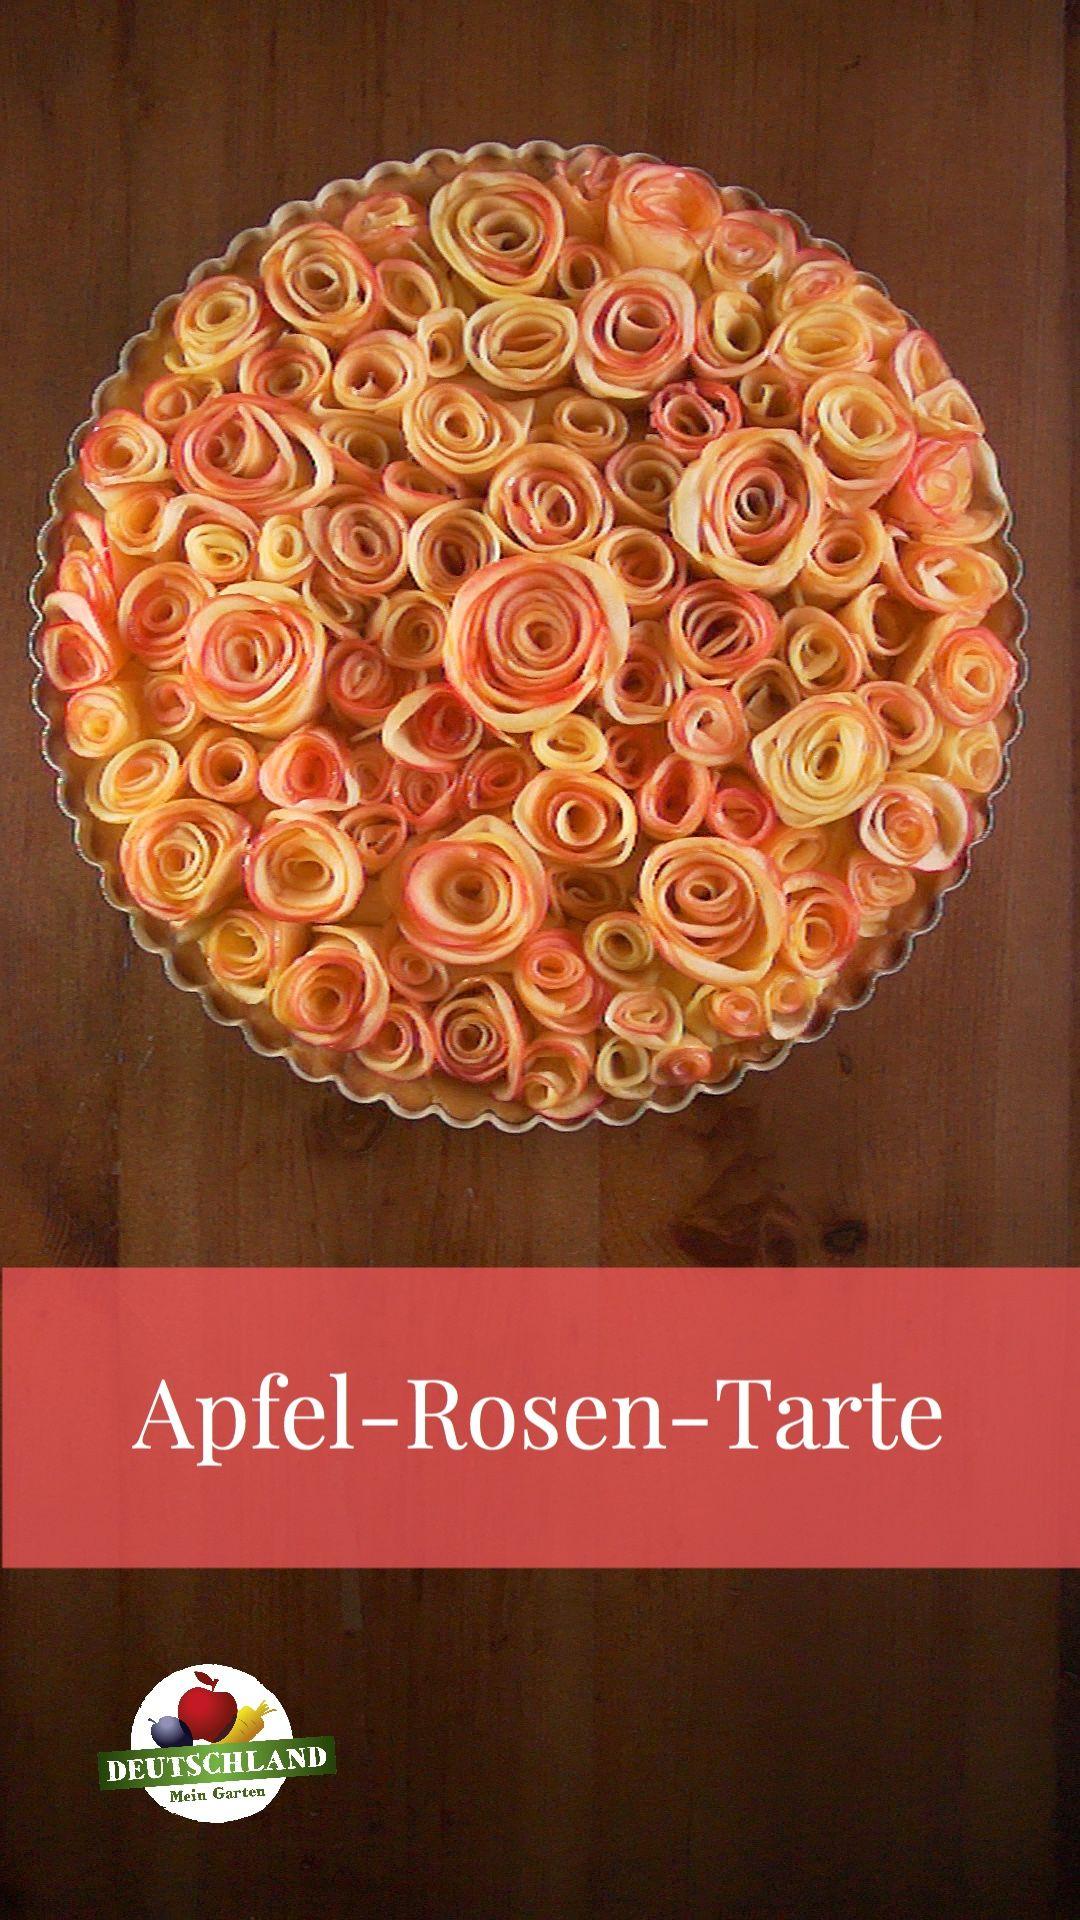 Apfel-Rosentarte